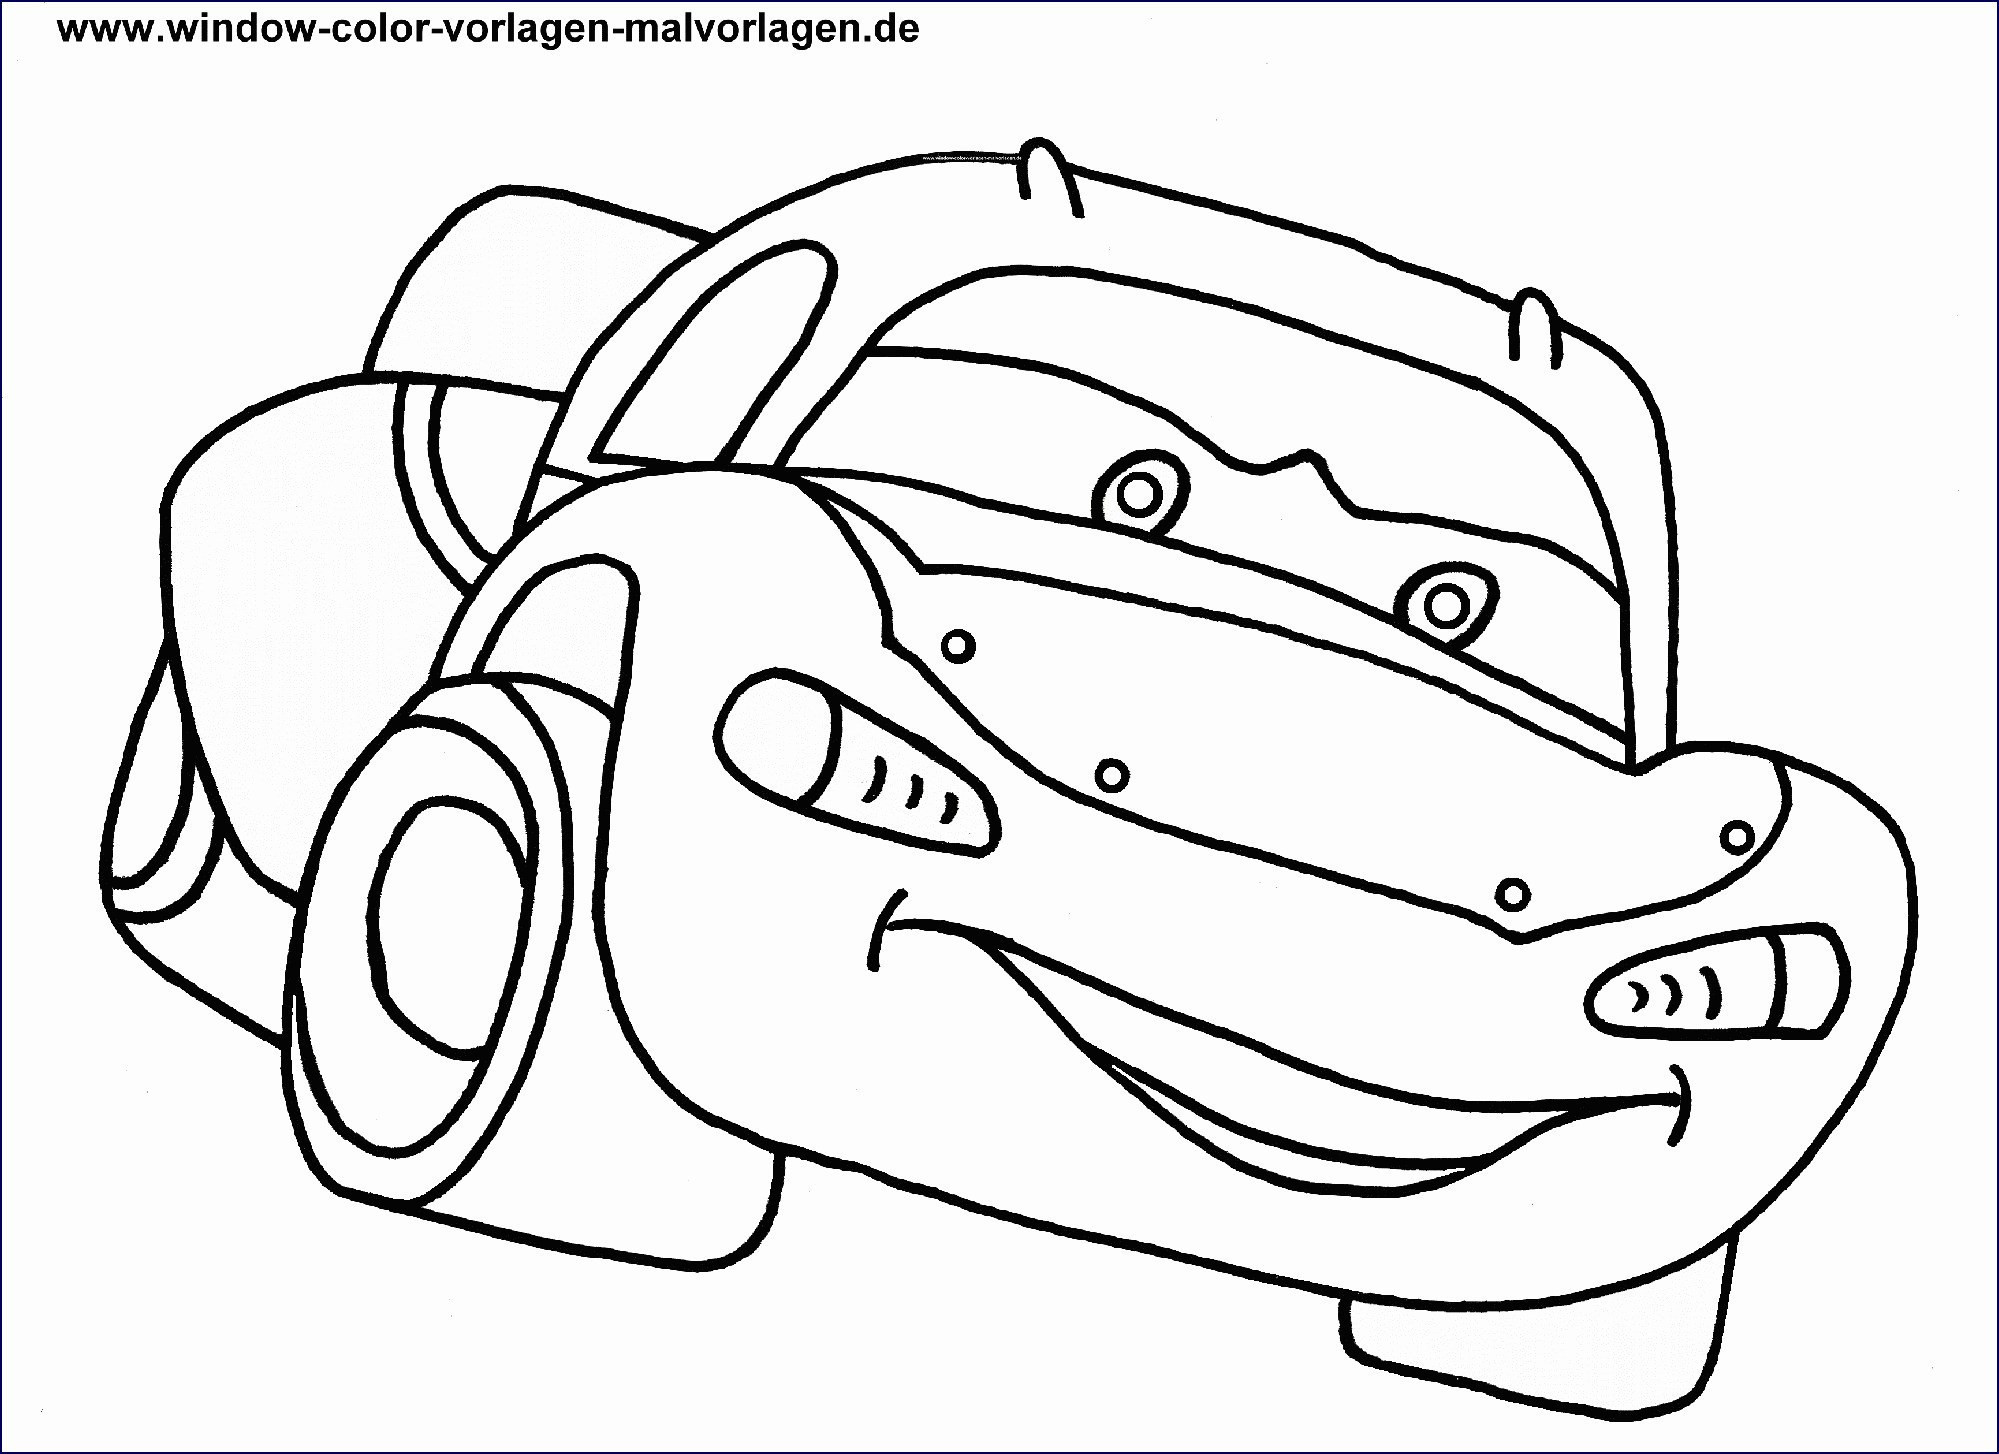 Motorrad Zeichnung Zum Ausmalen Einzigartig 48 Erstaunlich Ausmalbilder Kostenlos Polizei Malvorlagen Bild